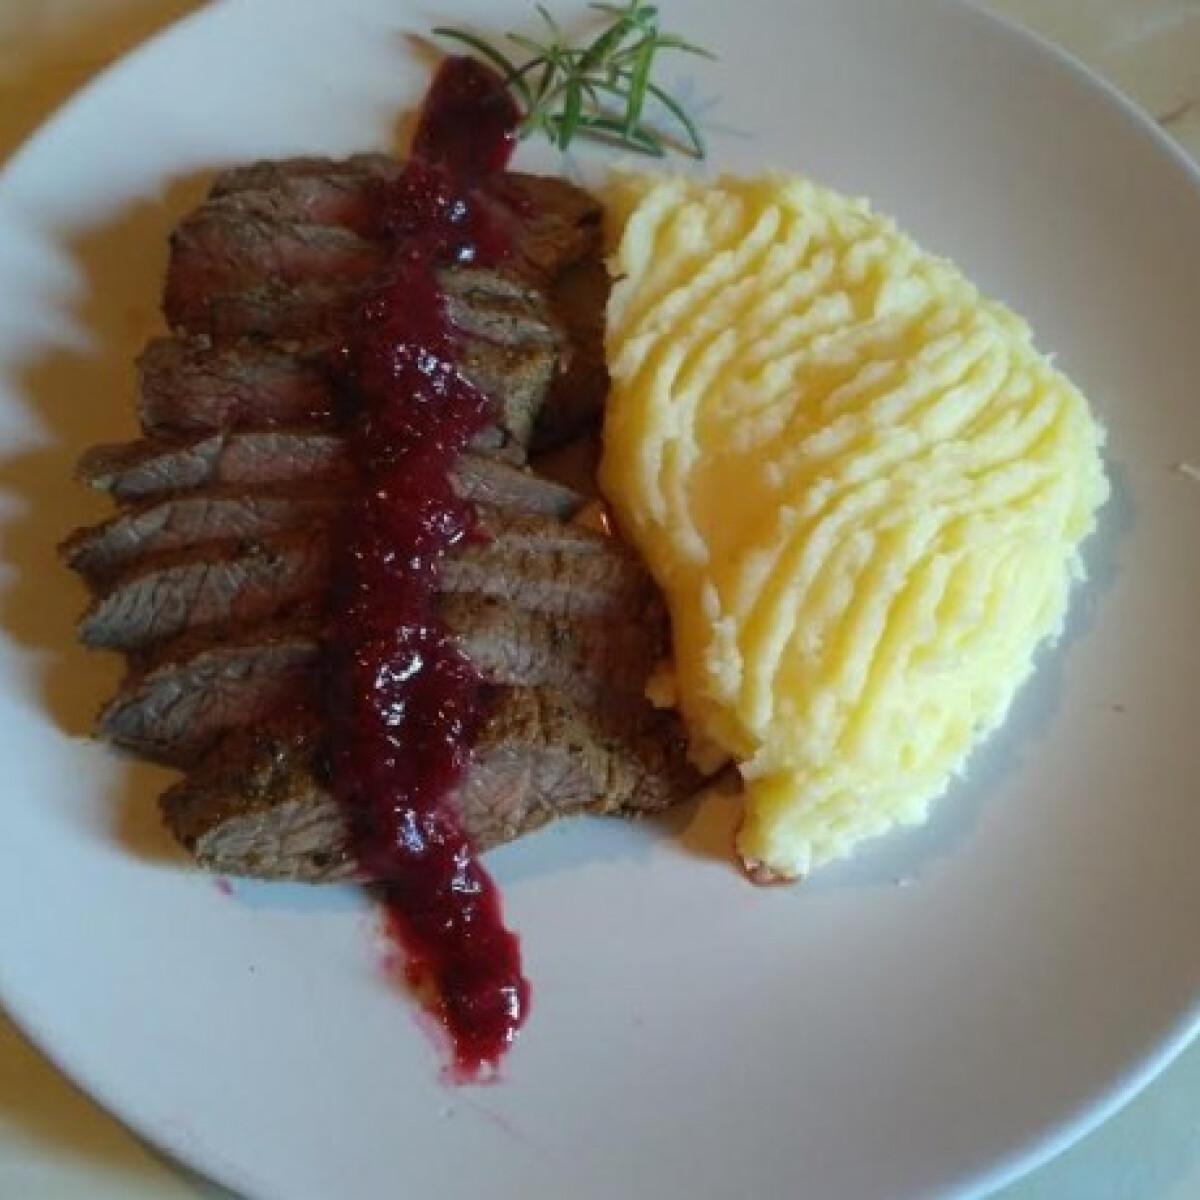 Ezen a képen: Hátszín steak Évi nénitől